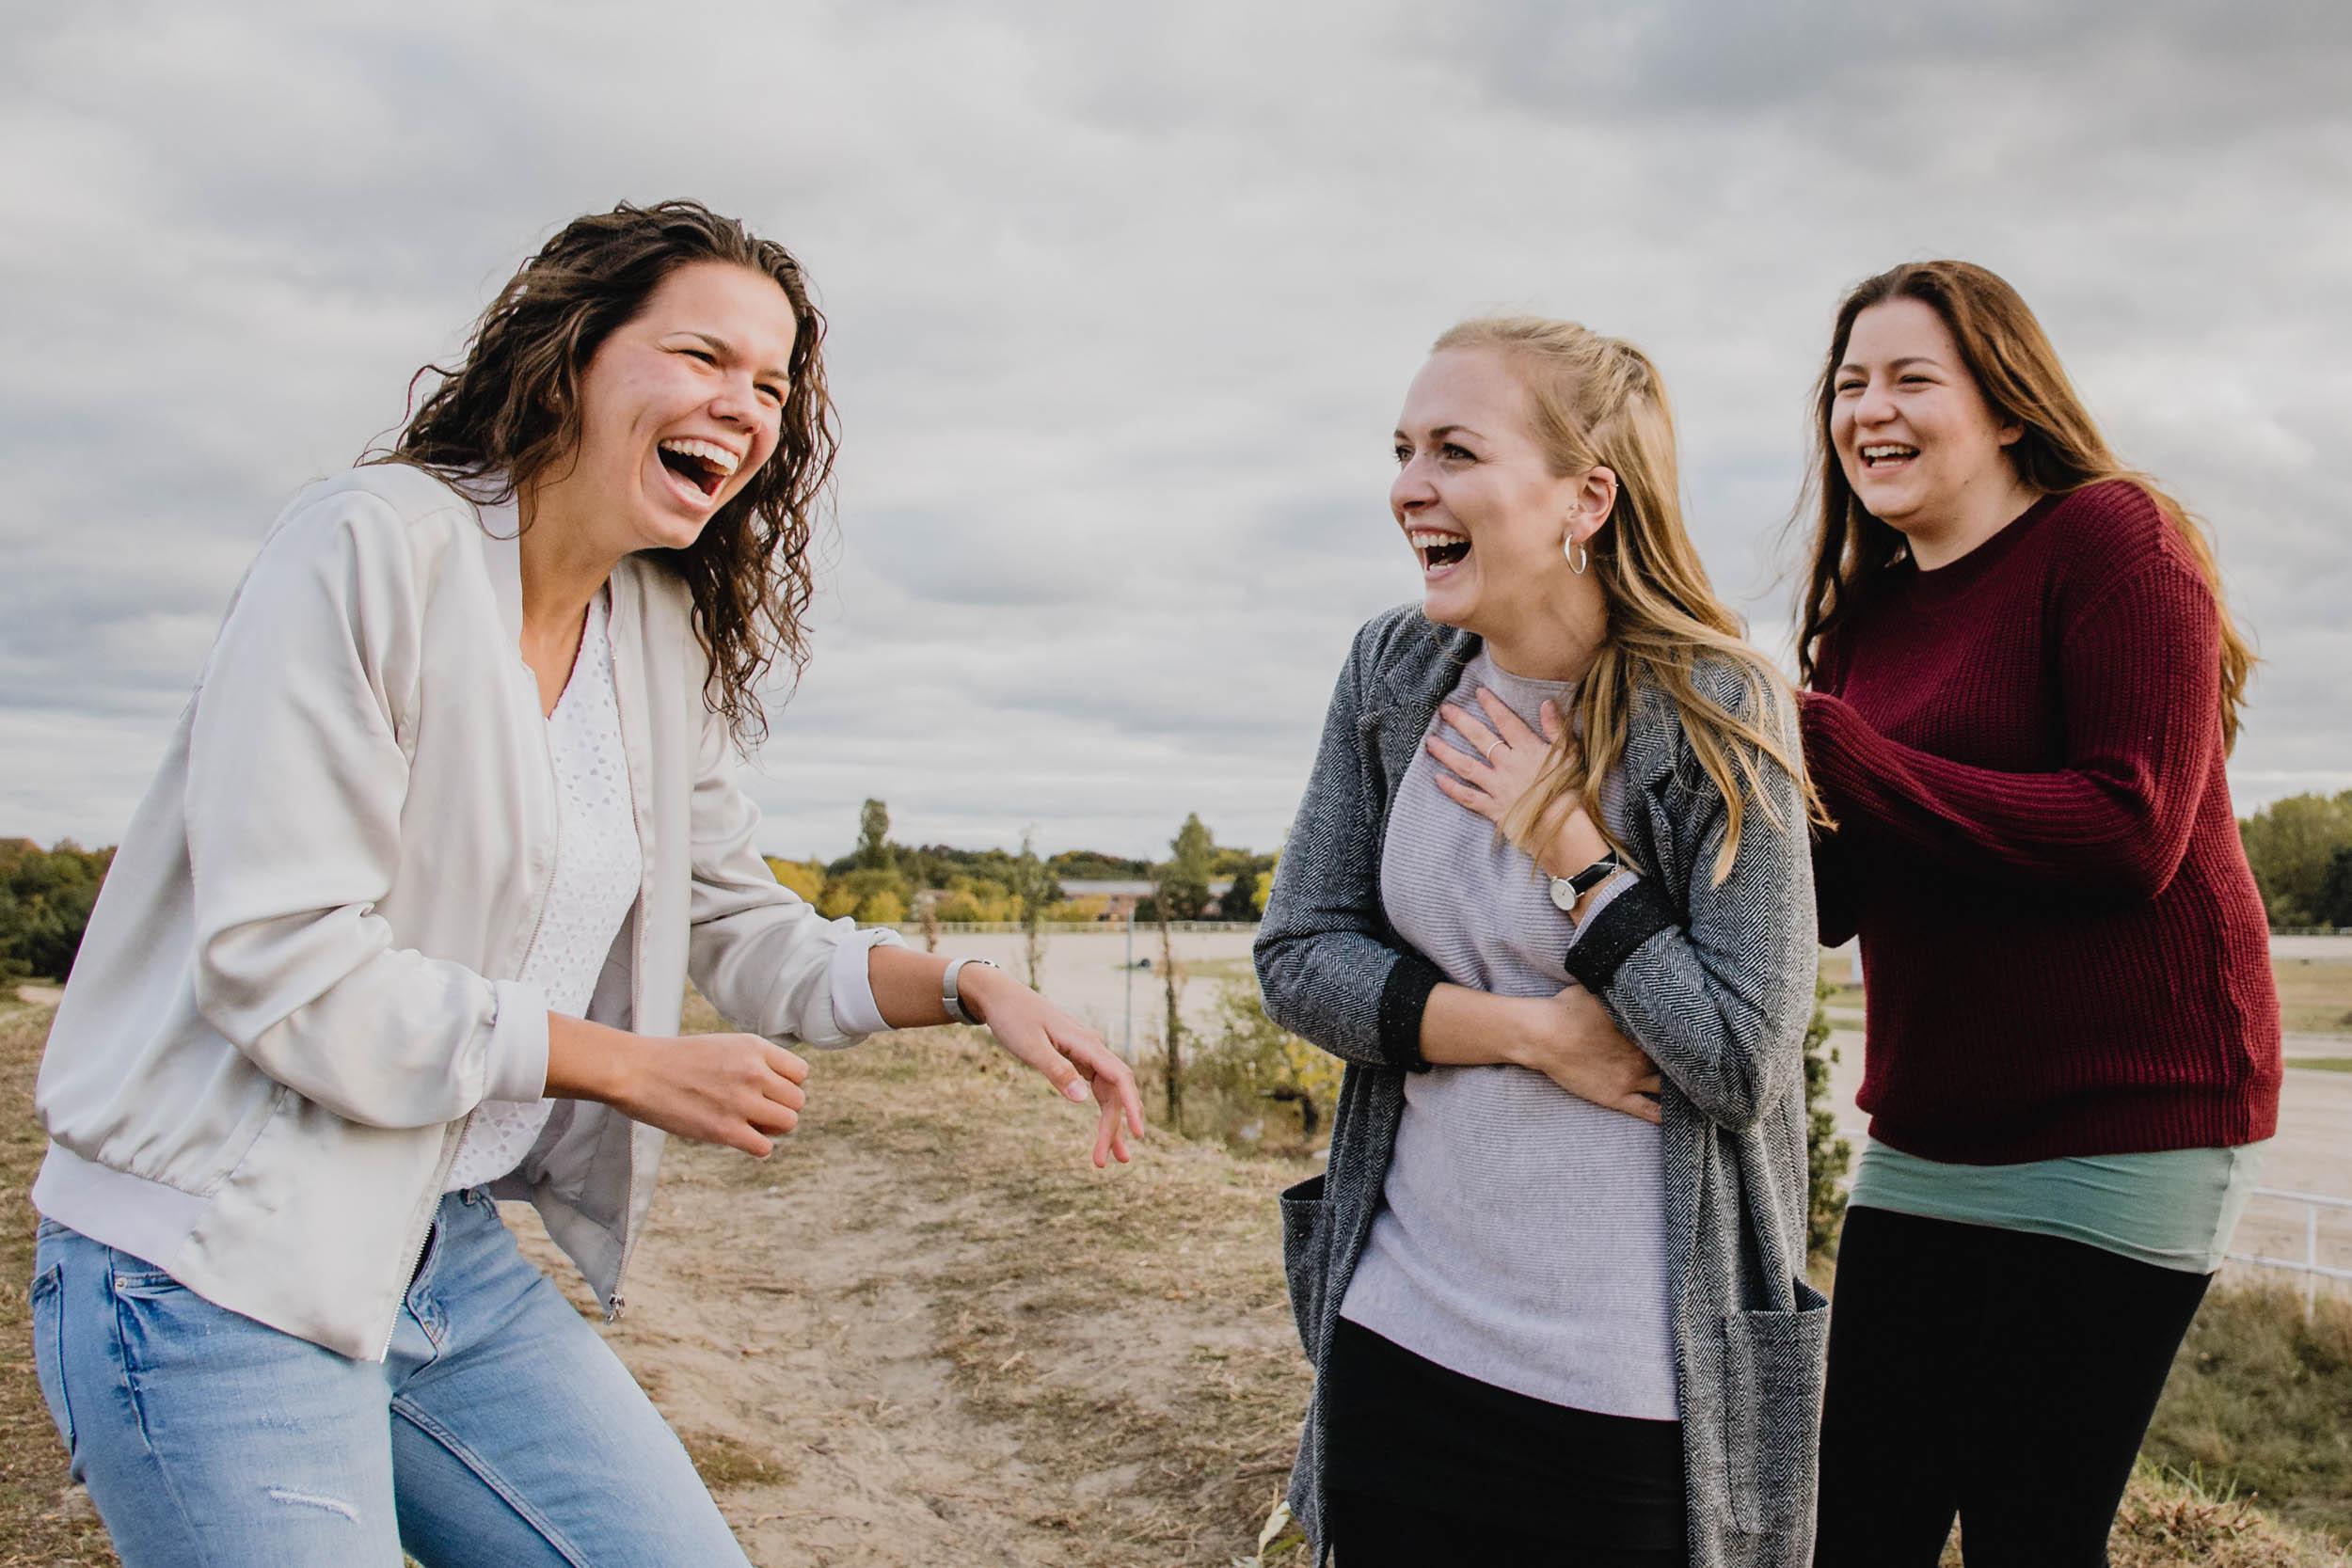 Karlshorst-Mädels-Shooting-junge-Frauen-erschrecken-pure-Emotionen.jpg